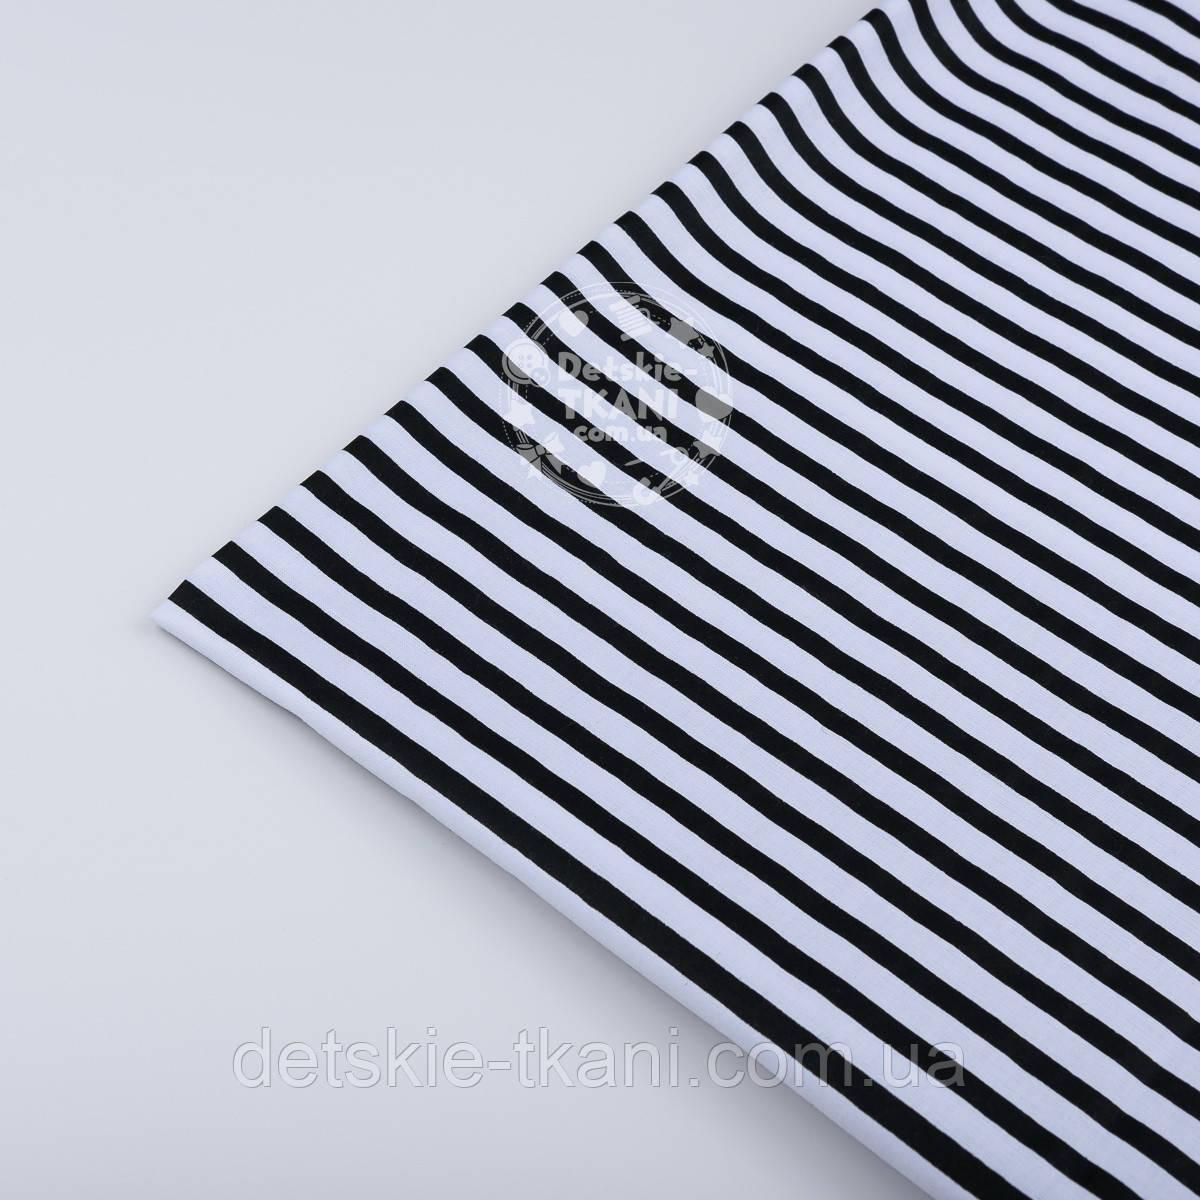 Лоскут ткани №760а с чёрной полоской 5 мм на белом фоне, размер 50*52 см